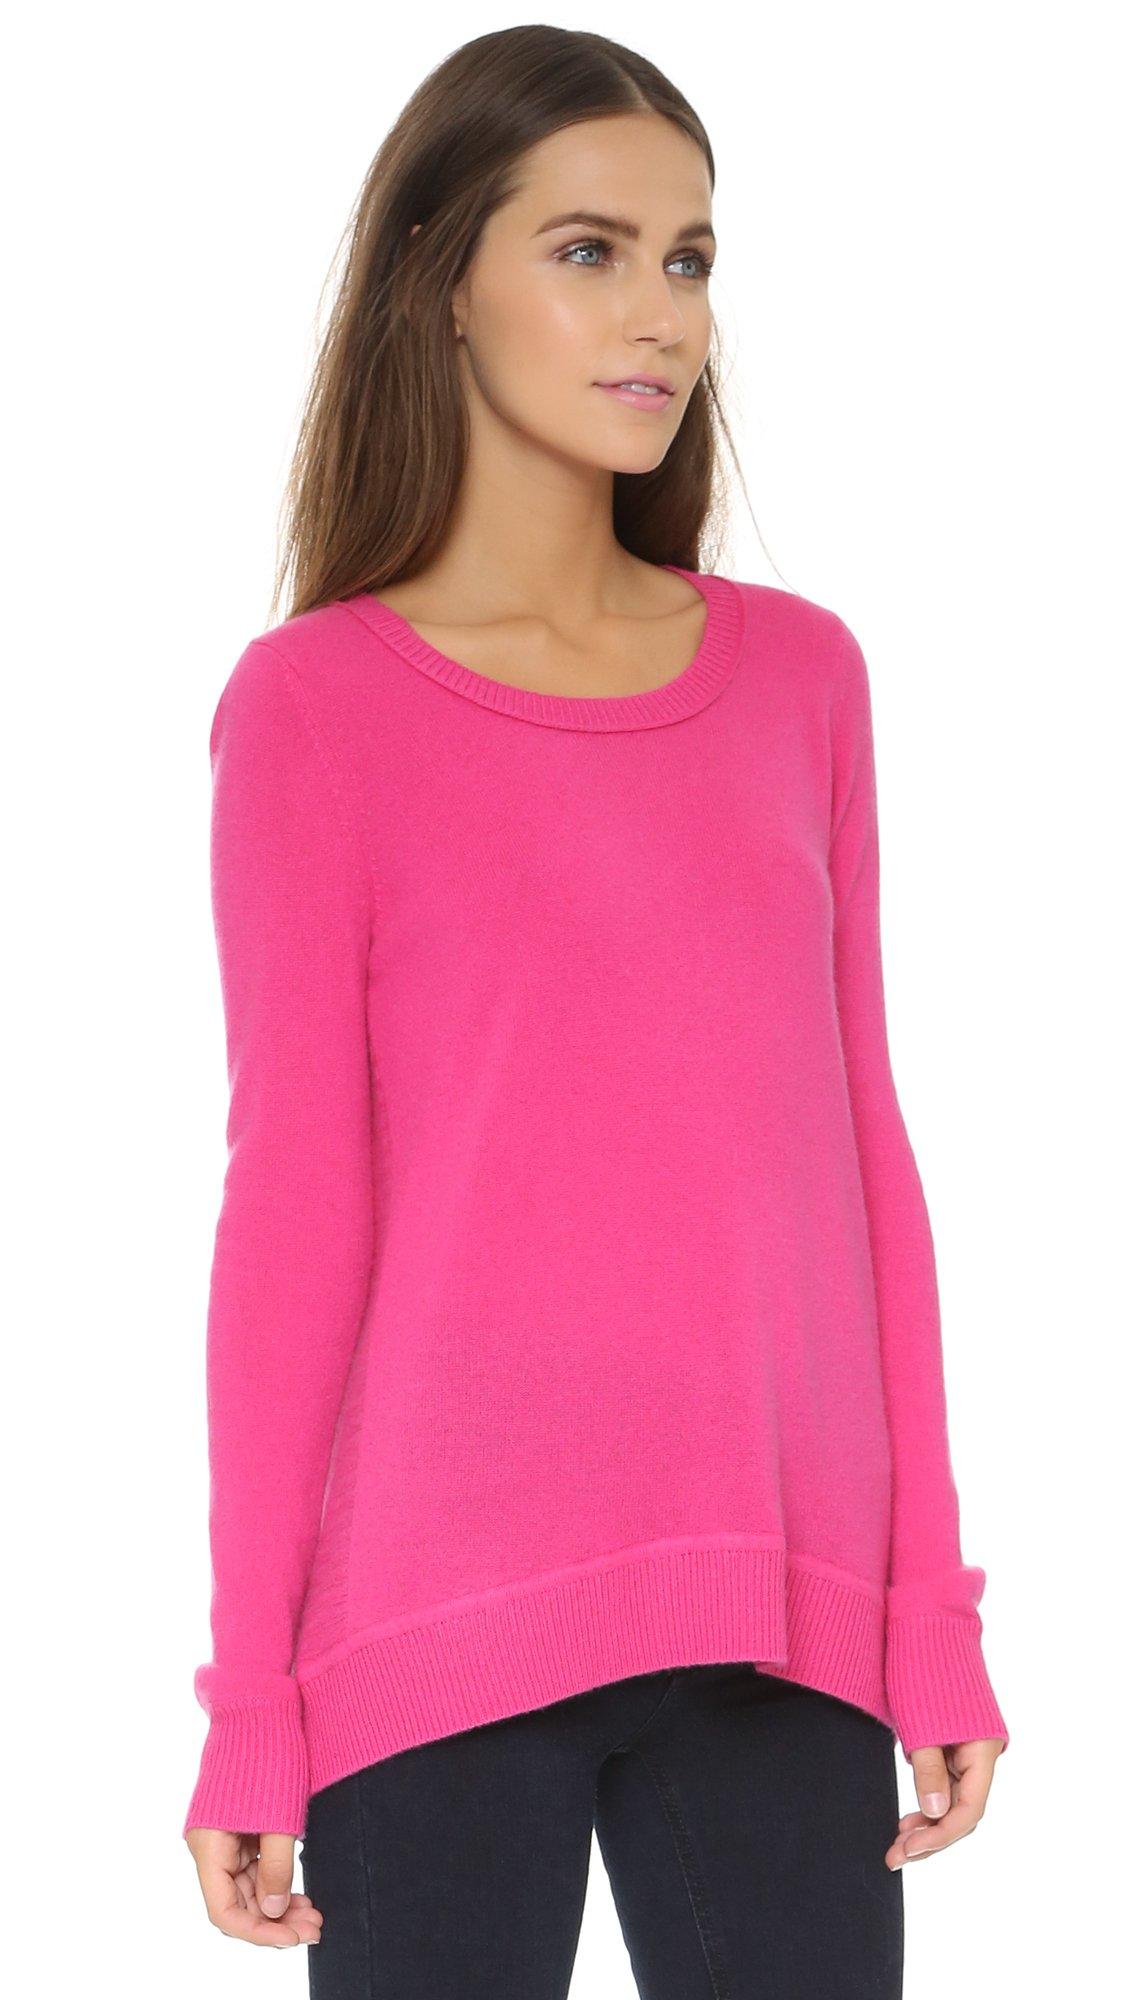 Diane von furstenberg Dvf Kingston Cashmere Pullover in Pink | Lyst